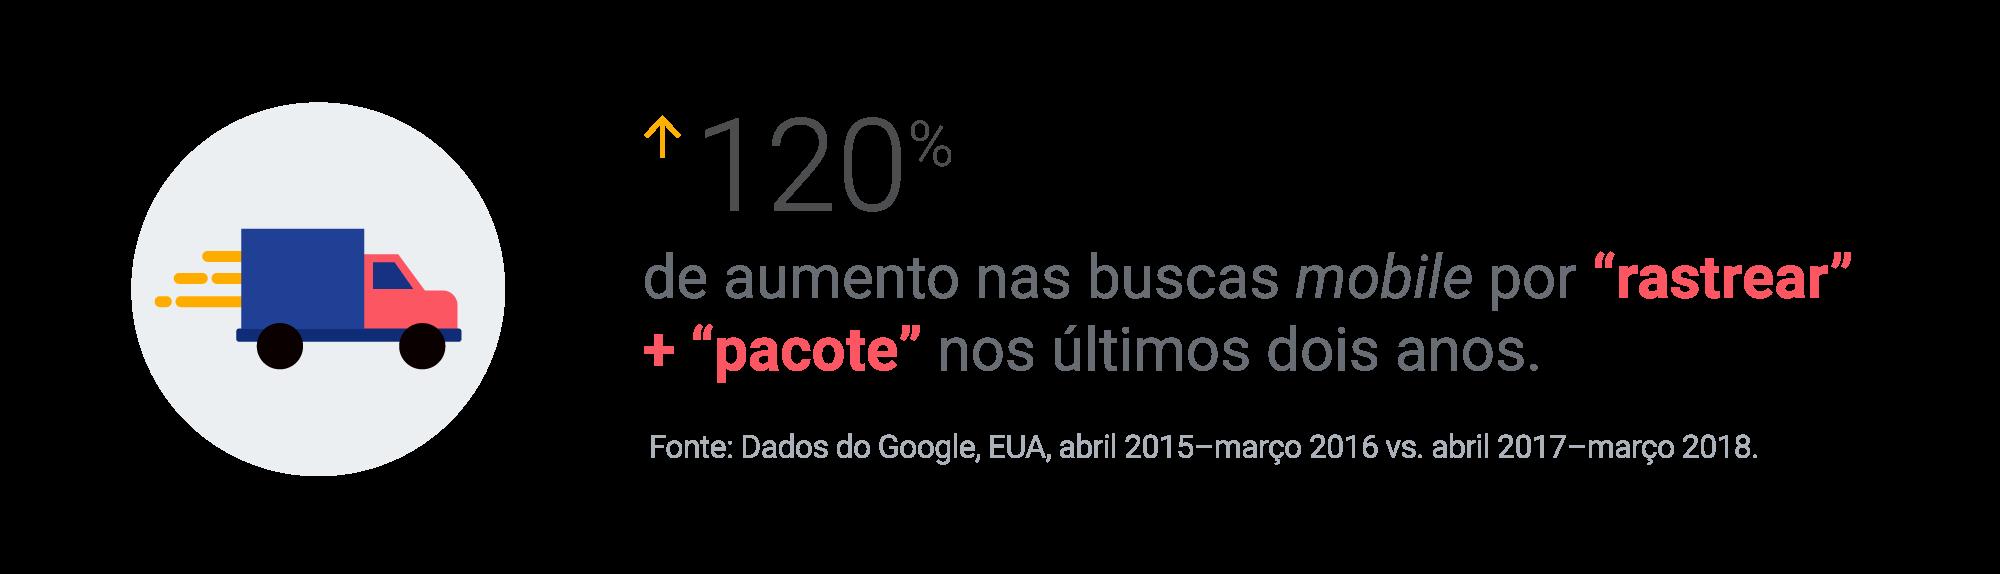 120% de aumento nas buscas mobile por 'rastrear' + 'pacote' nos últimos dois anos.